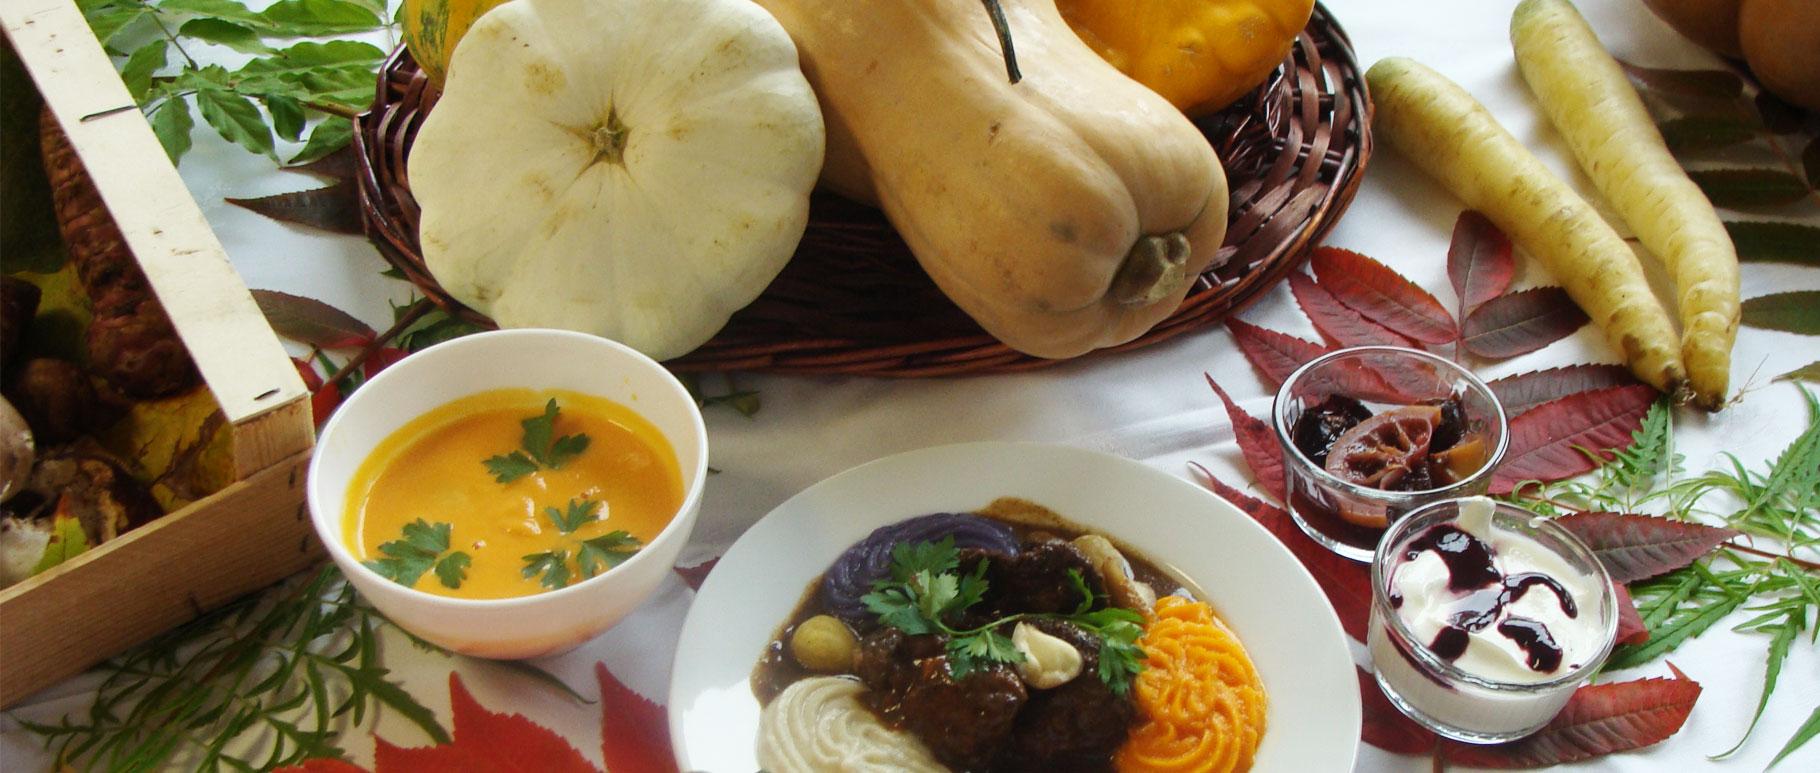 produits de saison les ptits plats de chrys 4